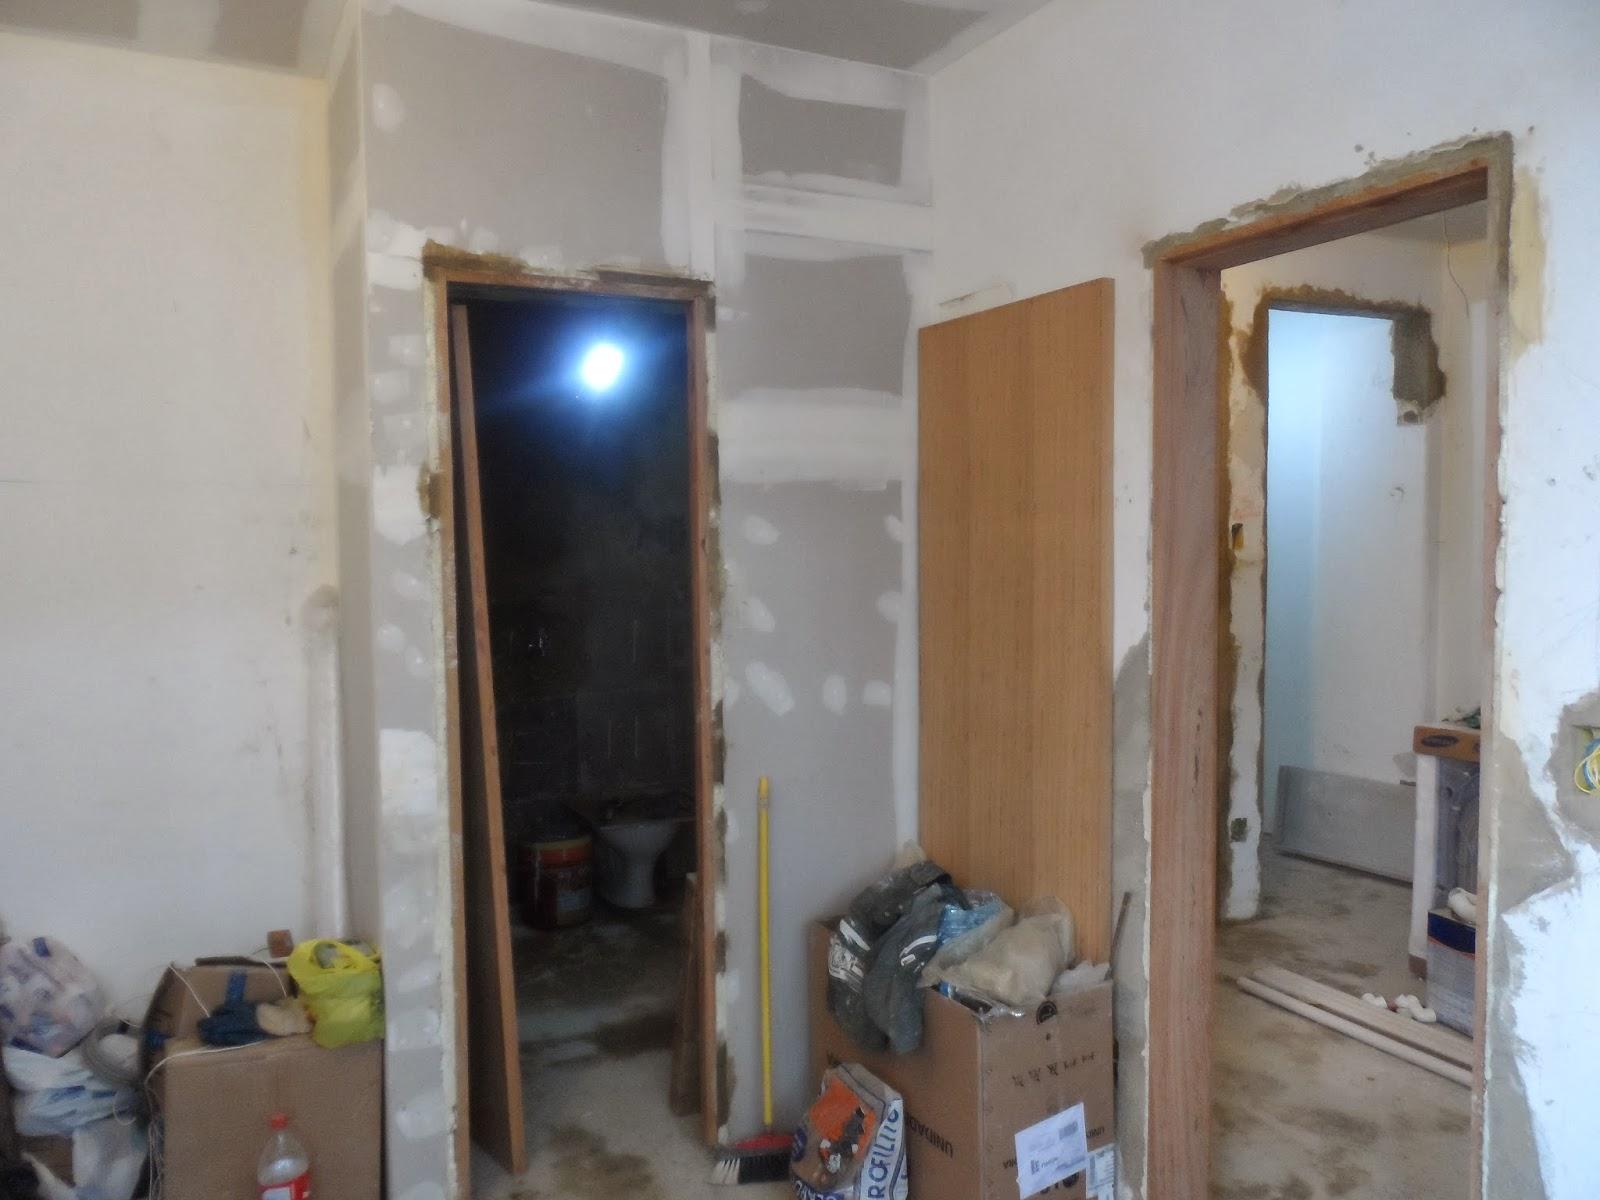 centro da parede e com gesso acartonado ampliei o banheiro antigo #364767 1600x1200 Banheiro Com Gesso Acartonado